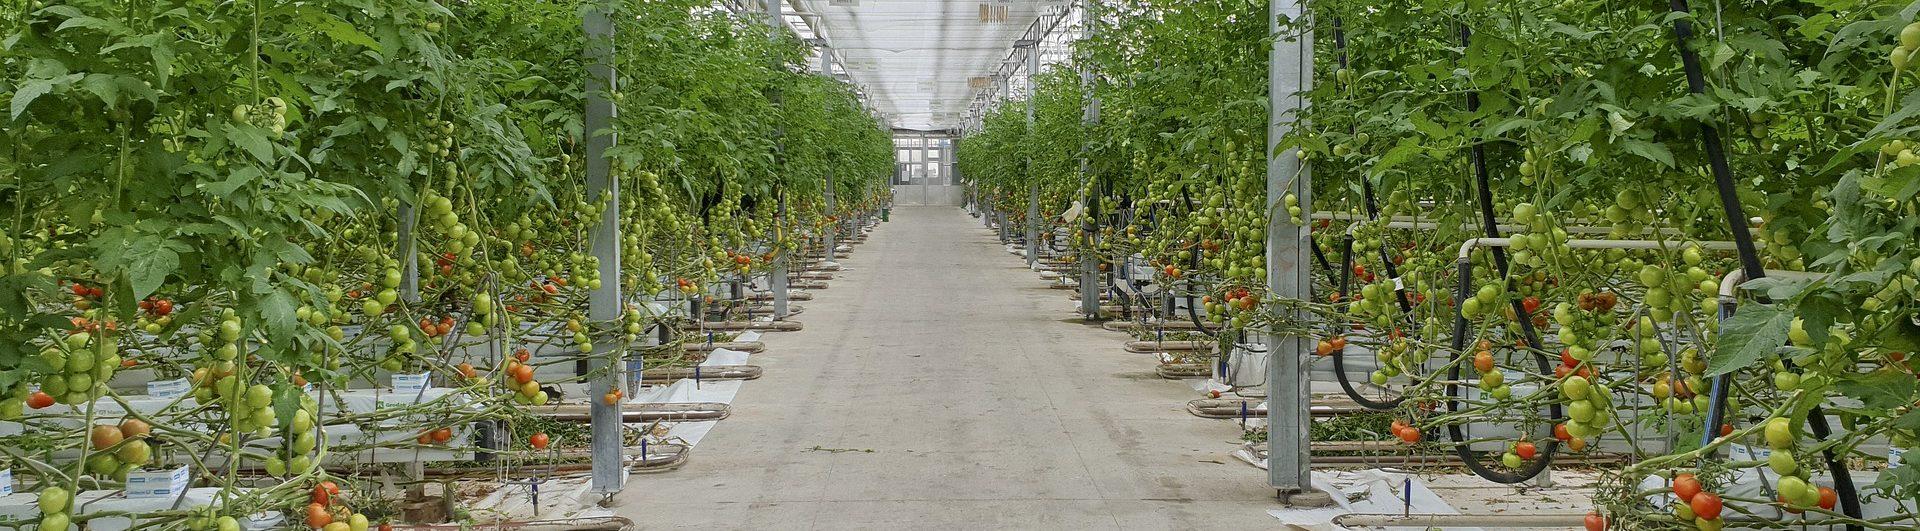 Que Planter En Octobre Sous Serre serres chauffées : les évolutions règlementaires - produire bio